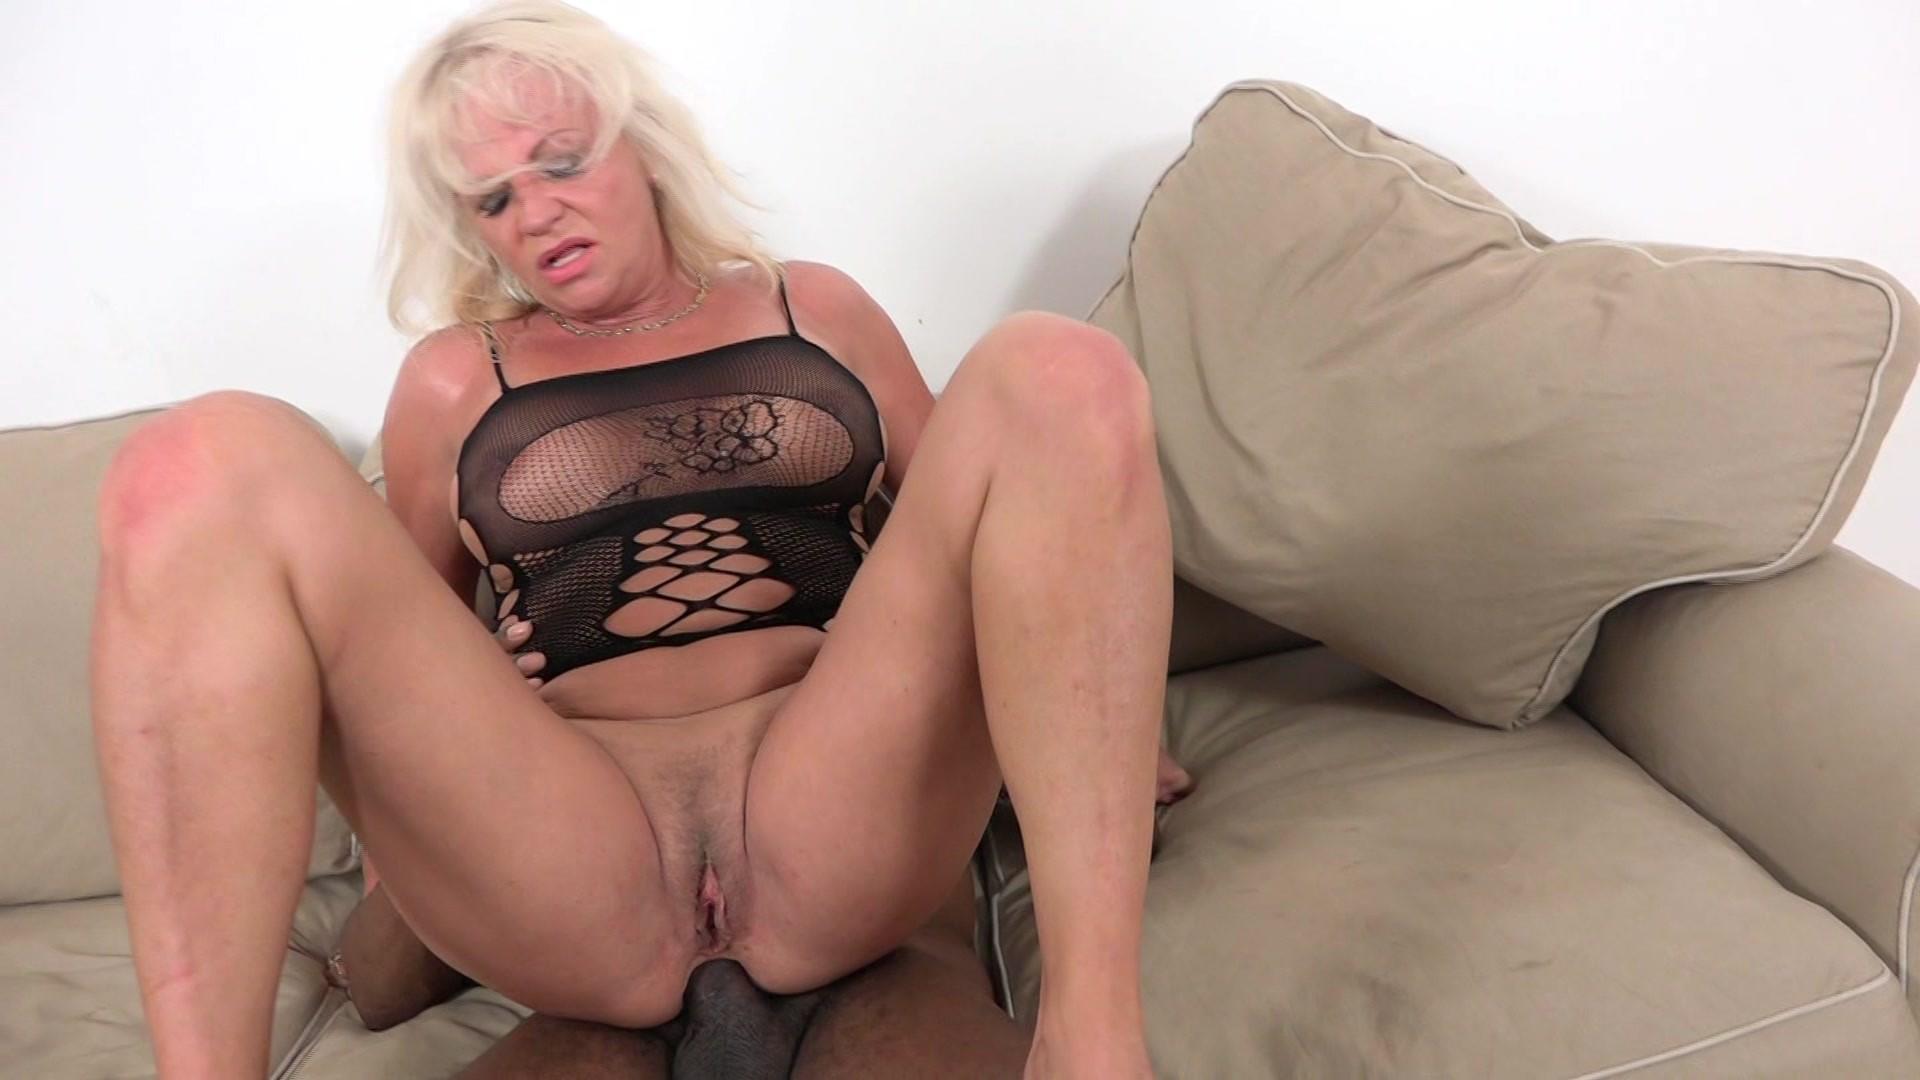 Erotica black sexy granny videos having sex